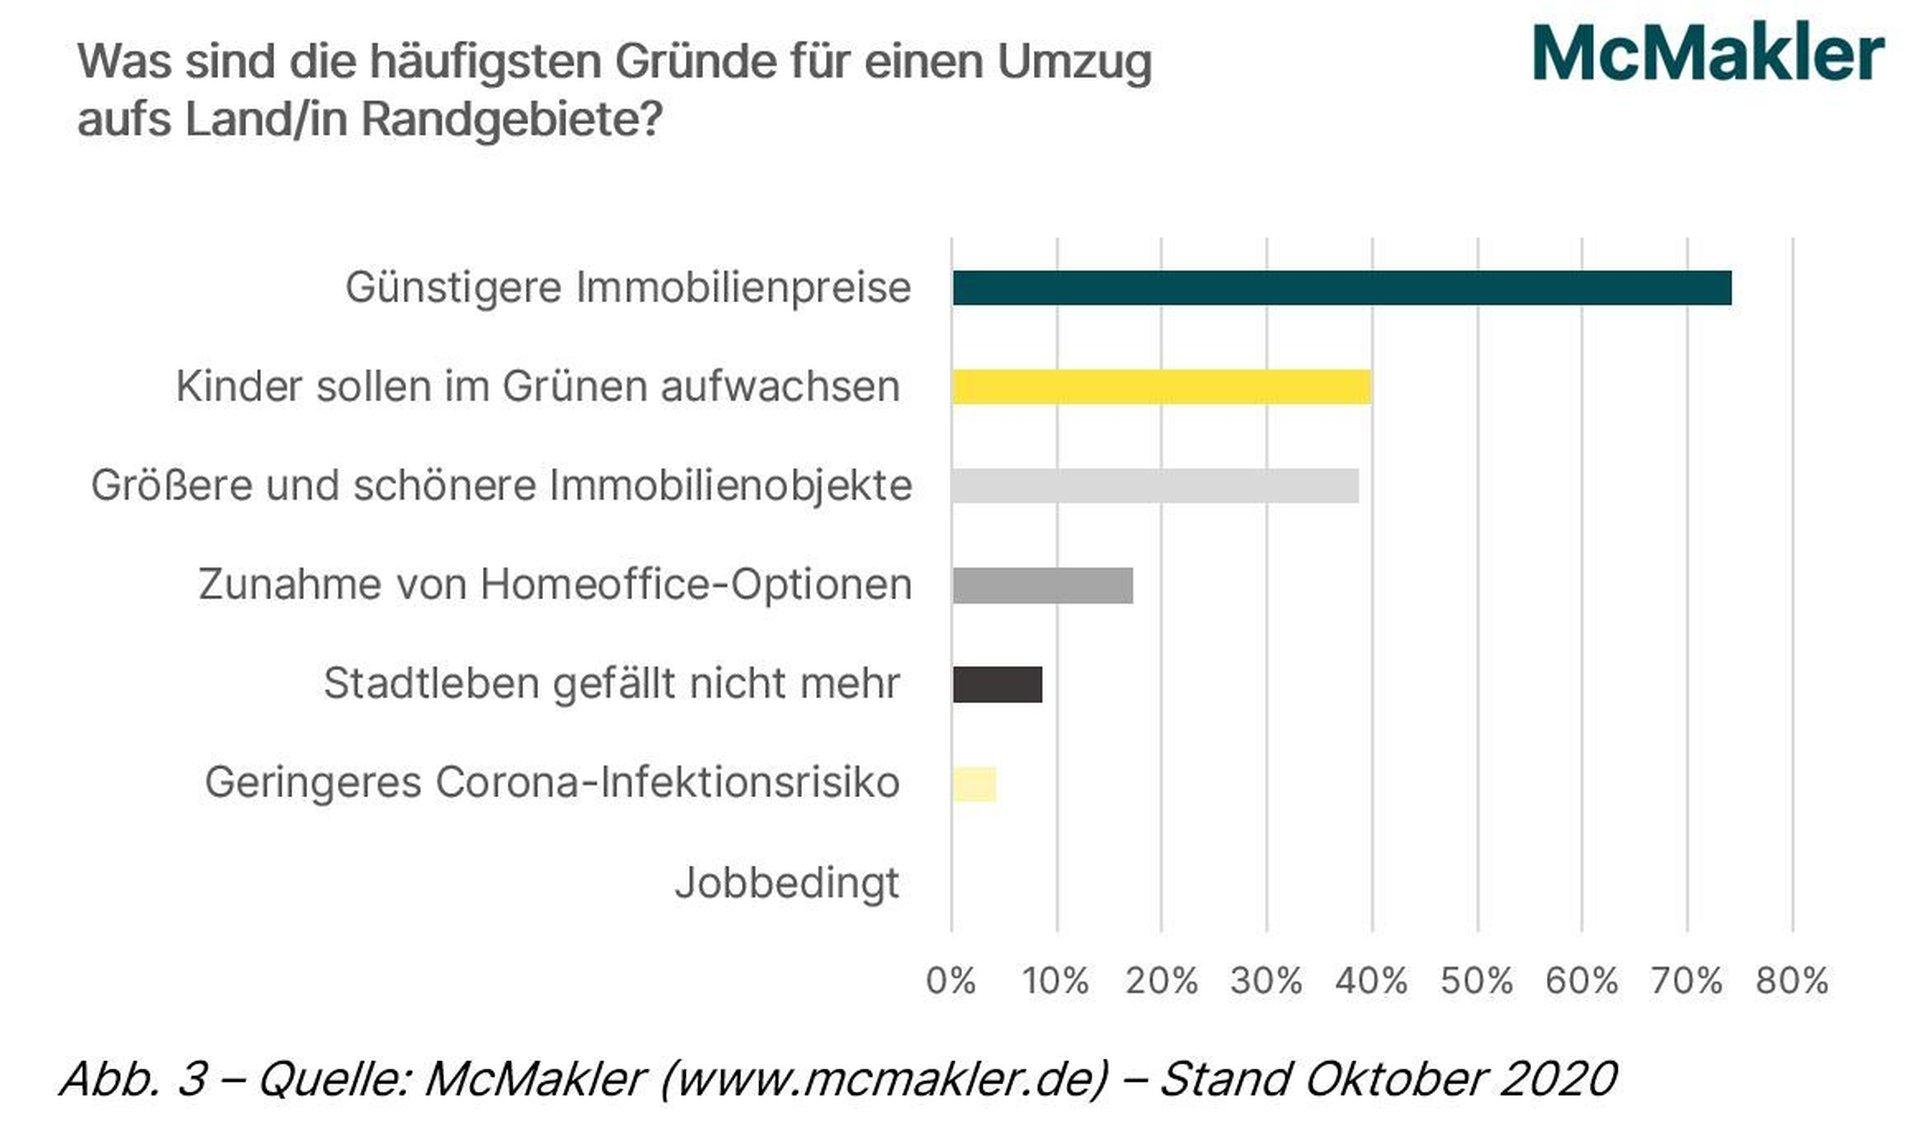 McMakelr Umfrage: Gründe Umzug Land und Randgebiete